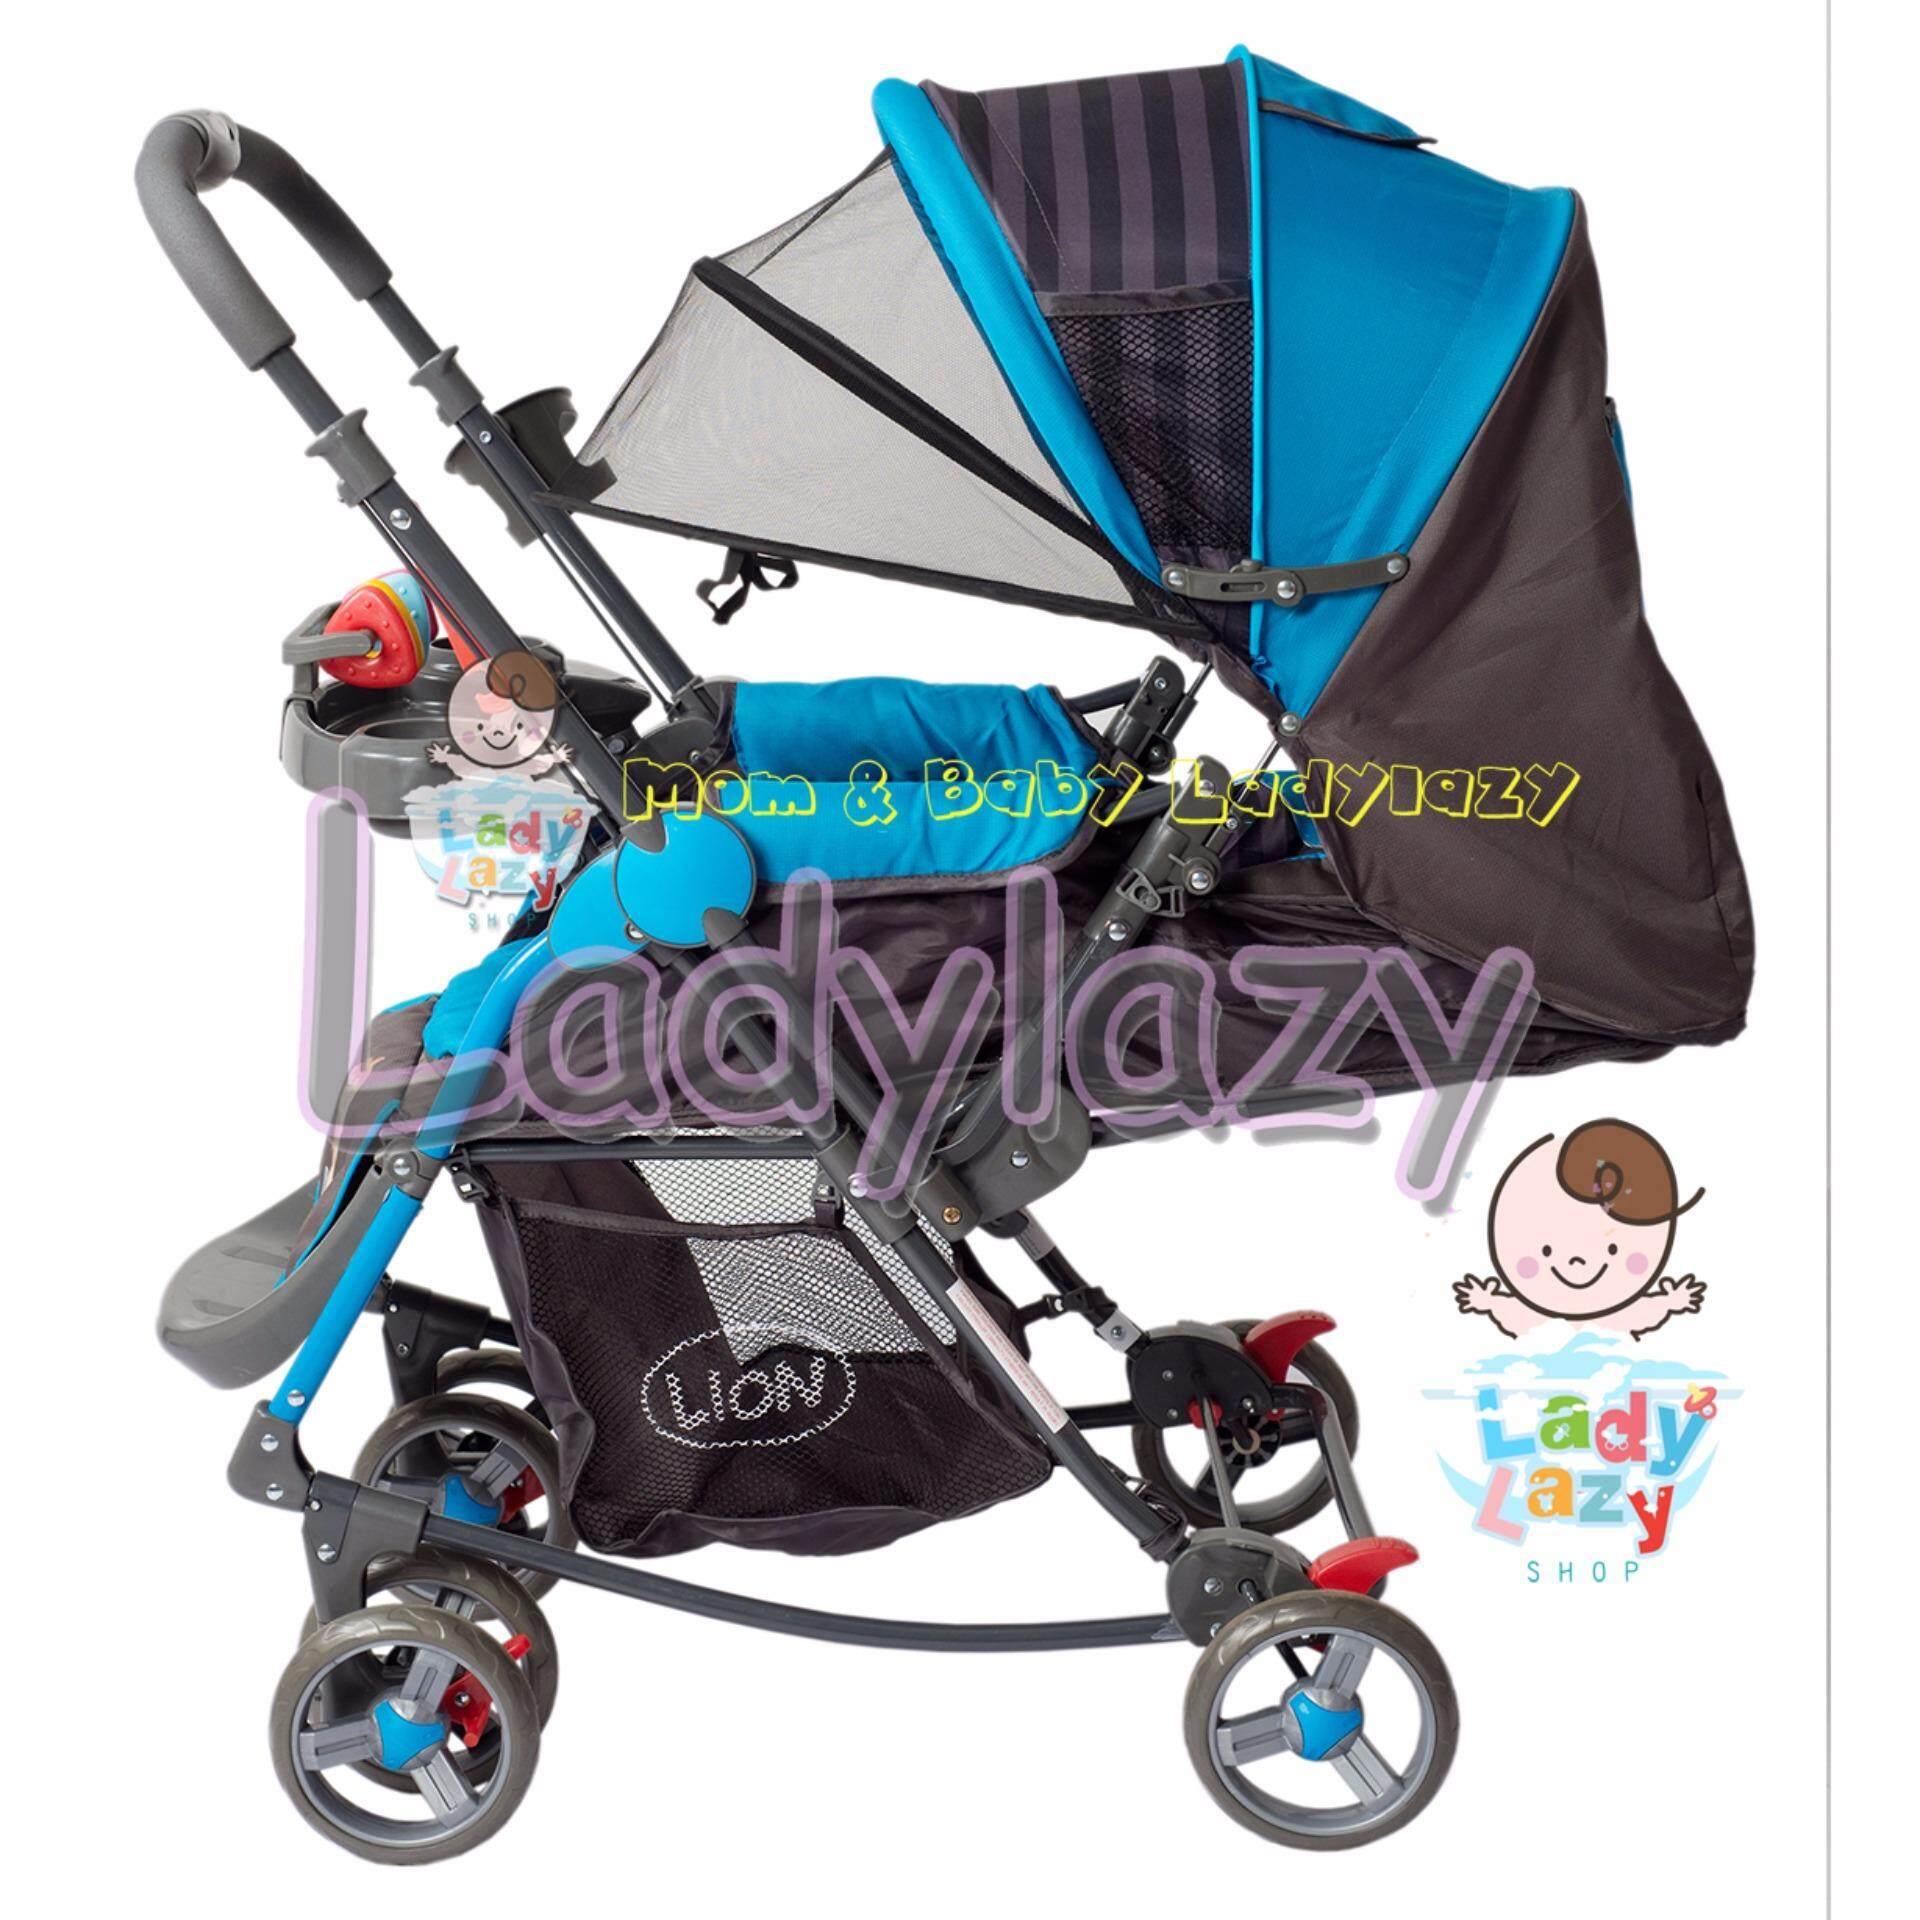 ของแท้ และรับประกัน Unbranded/Generic อุปกรณ์เสริมรถเข็นเด็ก รถเข็นเด็กอ่อนนุ่มใหม่รถเข็นเด็กสองข้างนั่งเบาะรองนั่งร่างกายเบาะ Liner รถ-นานาชาติ แนะนำเลยดีที่สุดแล้ว